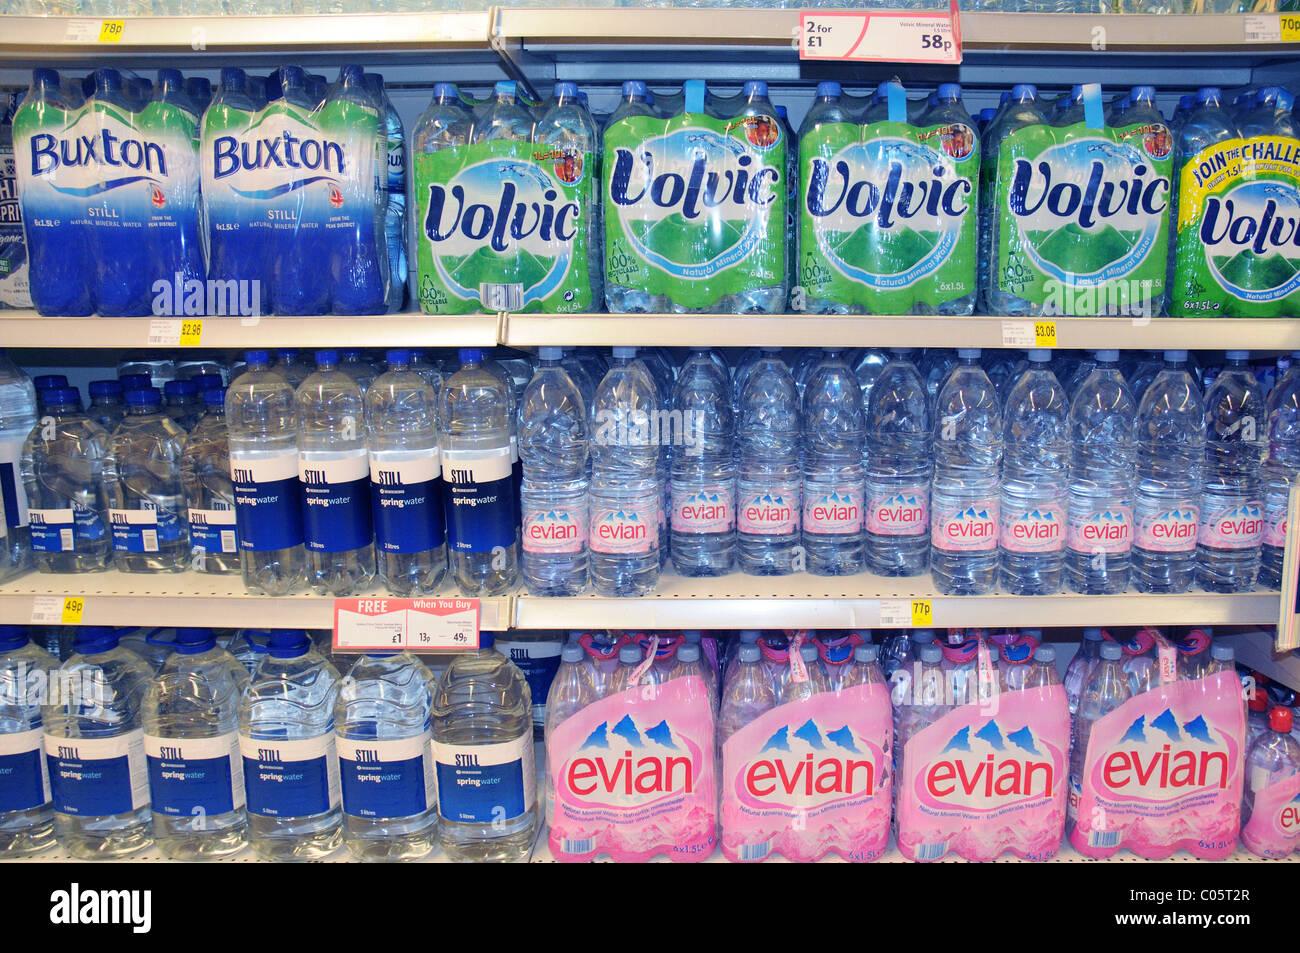 L'eau en bouteille sur une étagère dans un supermarché en Angleterre Photo Stock